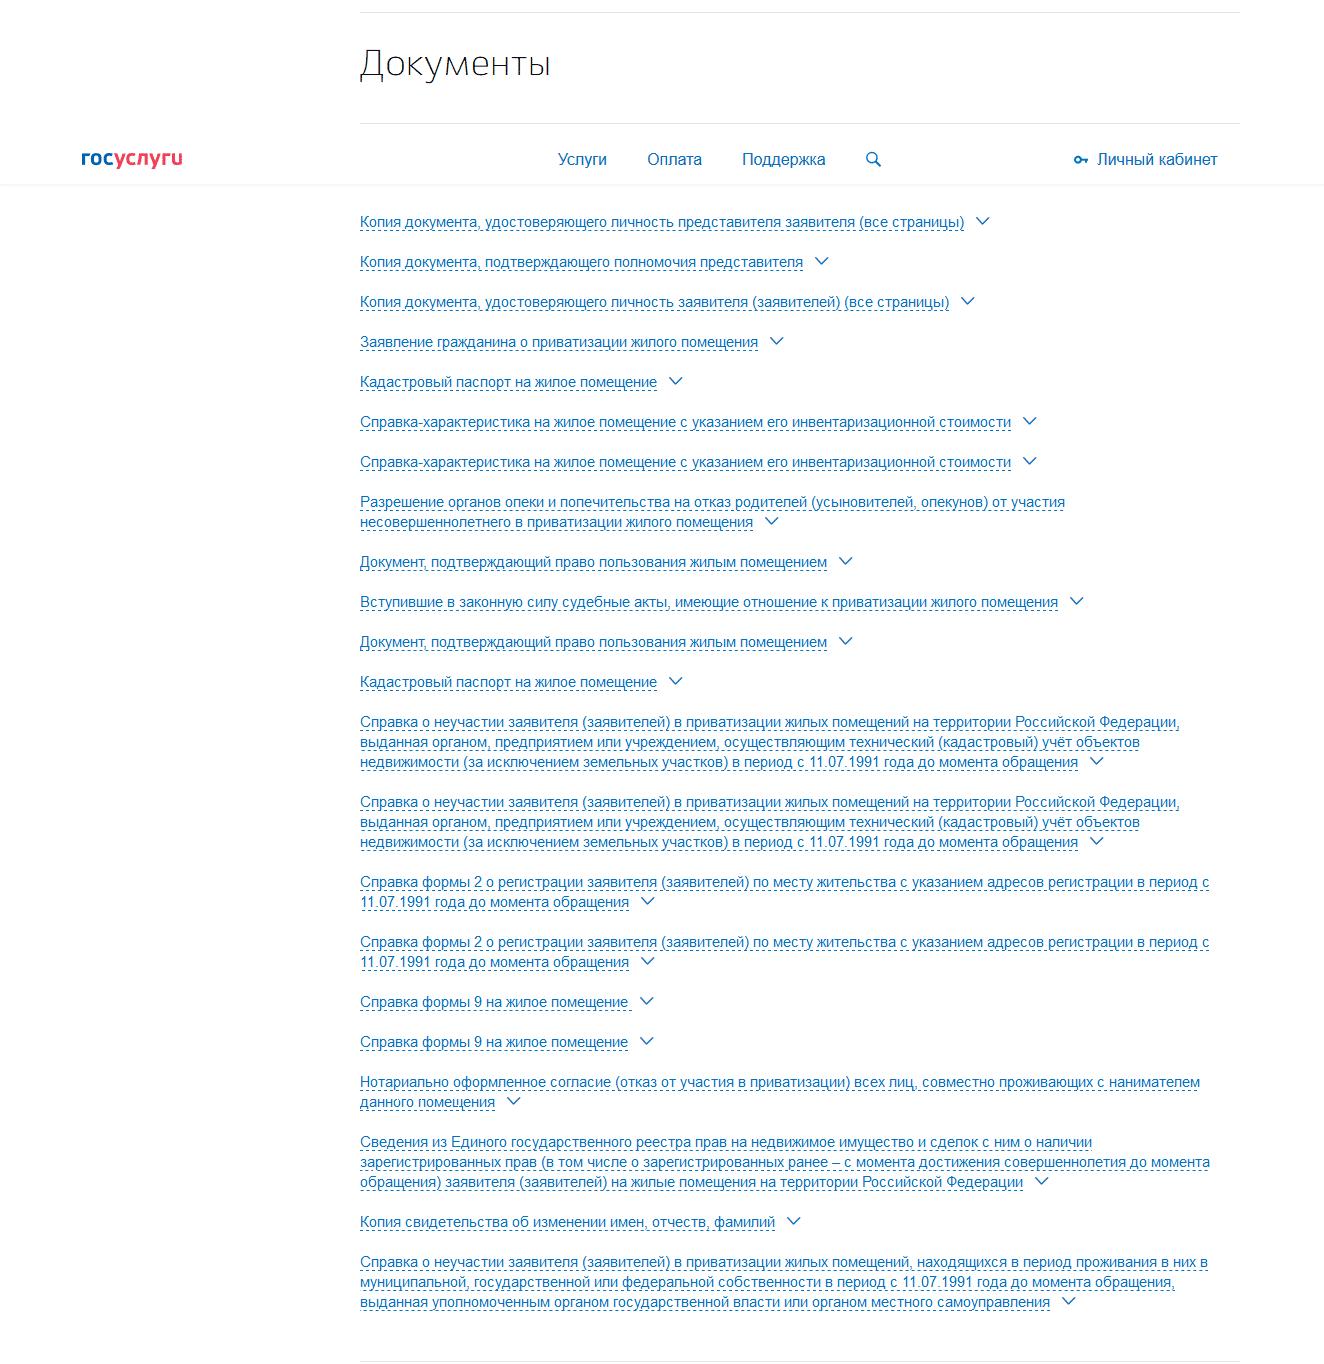 список документов с портала Госуслуги